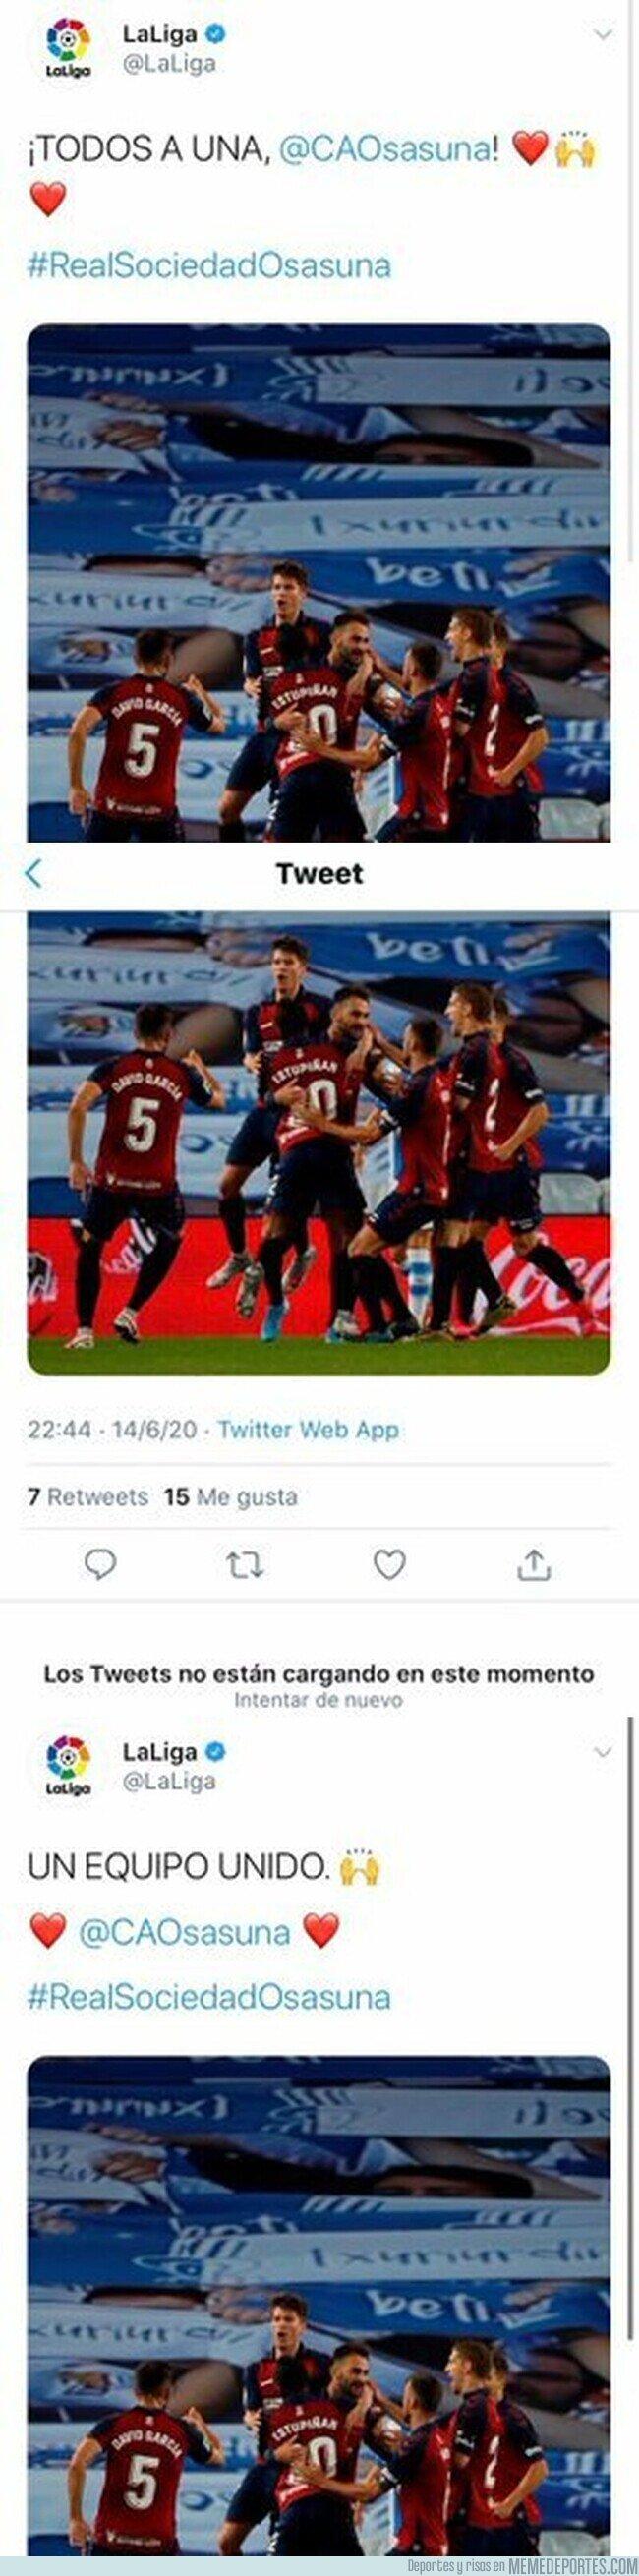 1116319 - El tuit que ha tenido que borrar 'LaLiga' sobre Osasuna porque han empezado a responderles con insultos